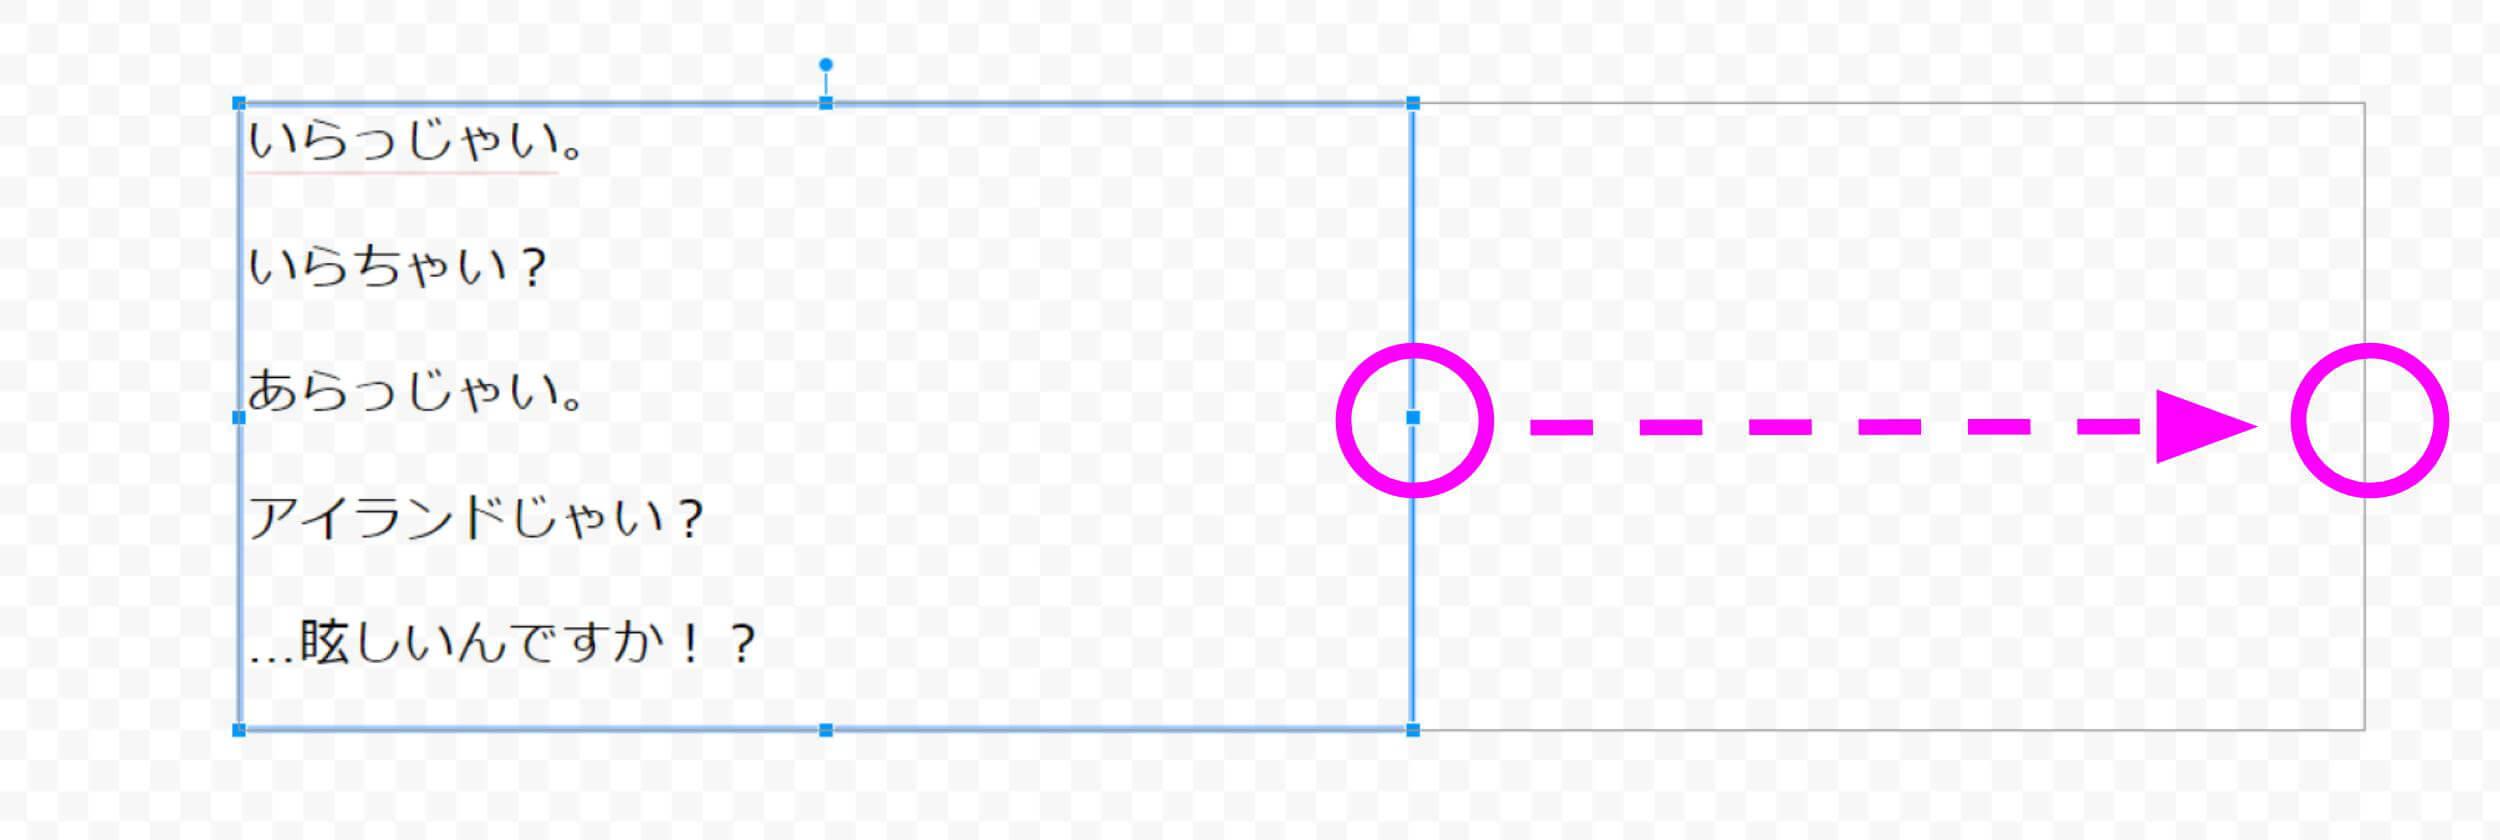 テキストボックスのサイズ変更 中間点の拡大